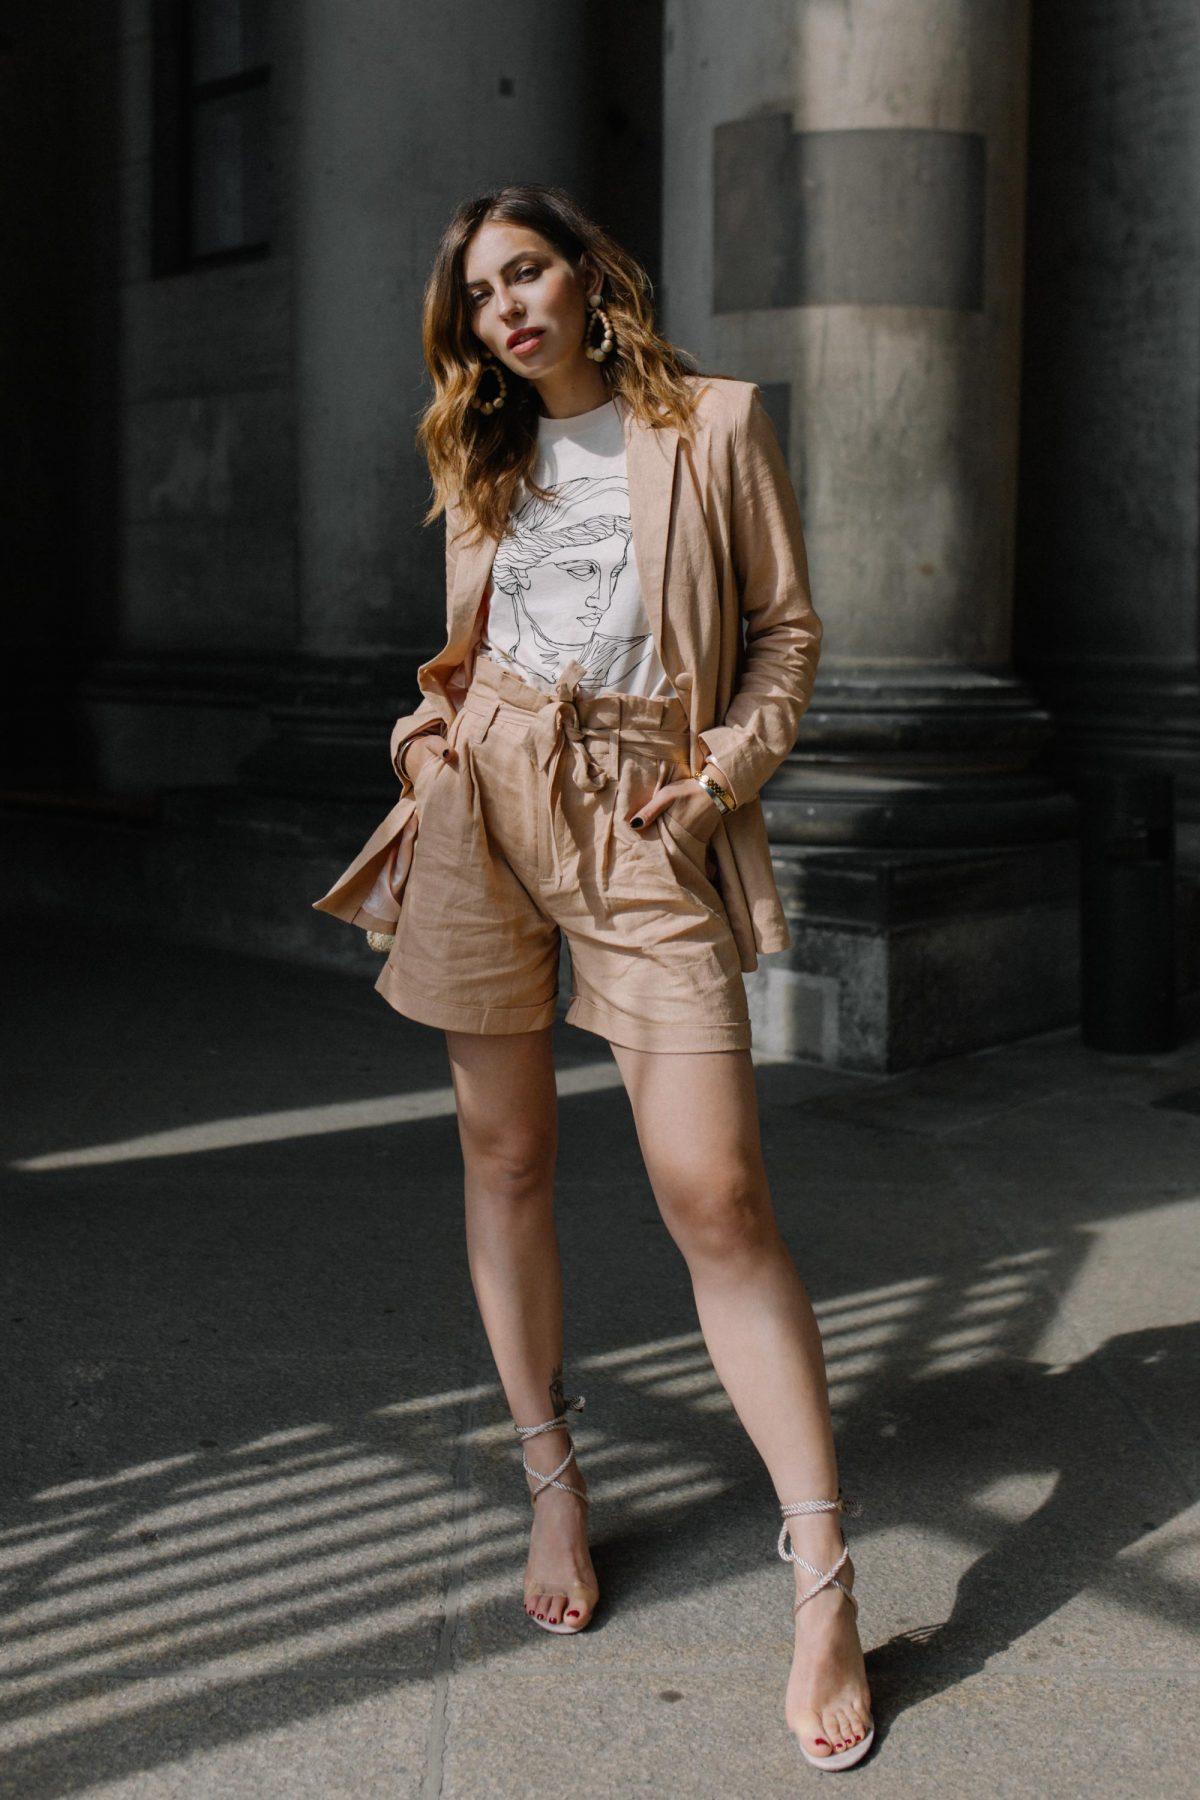 The Linen Suit